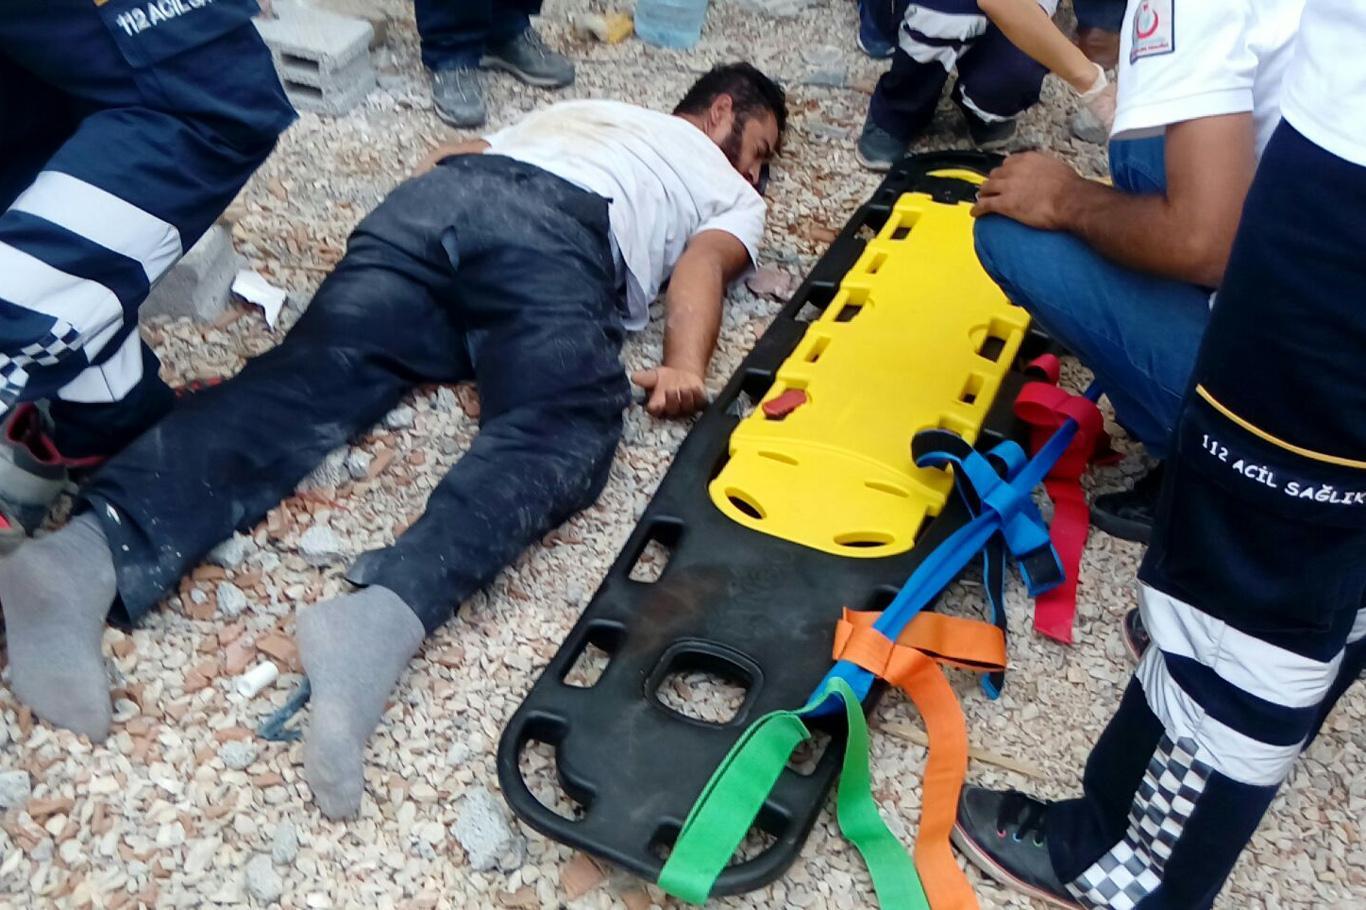 Diyarbakır Ergani'de iskeleden düşen işçi ağır yaralandı